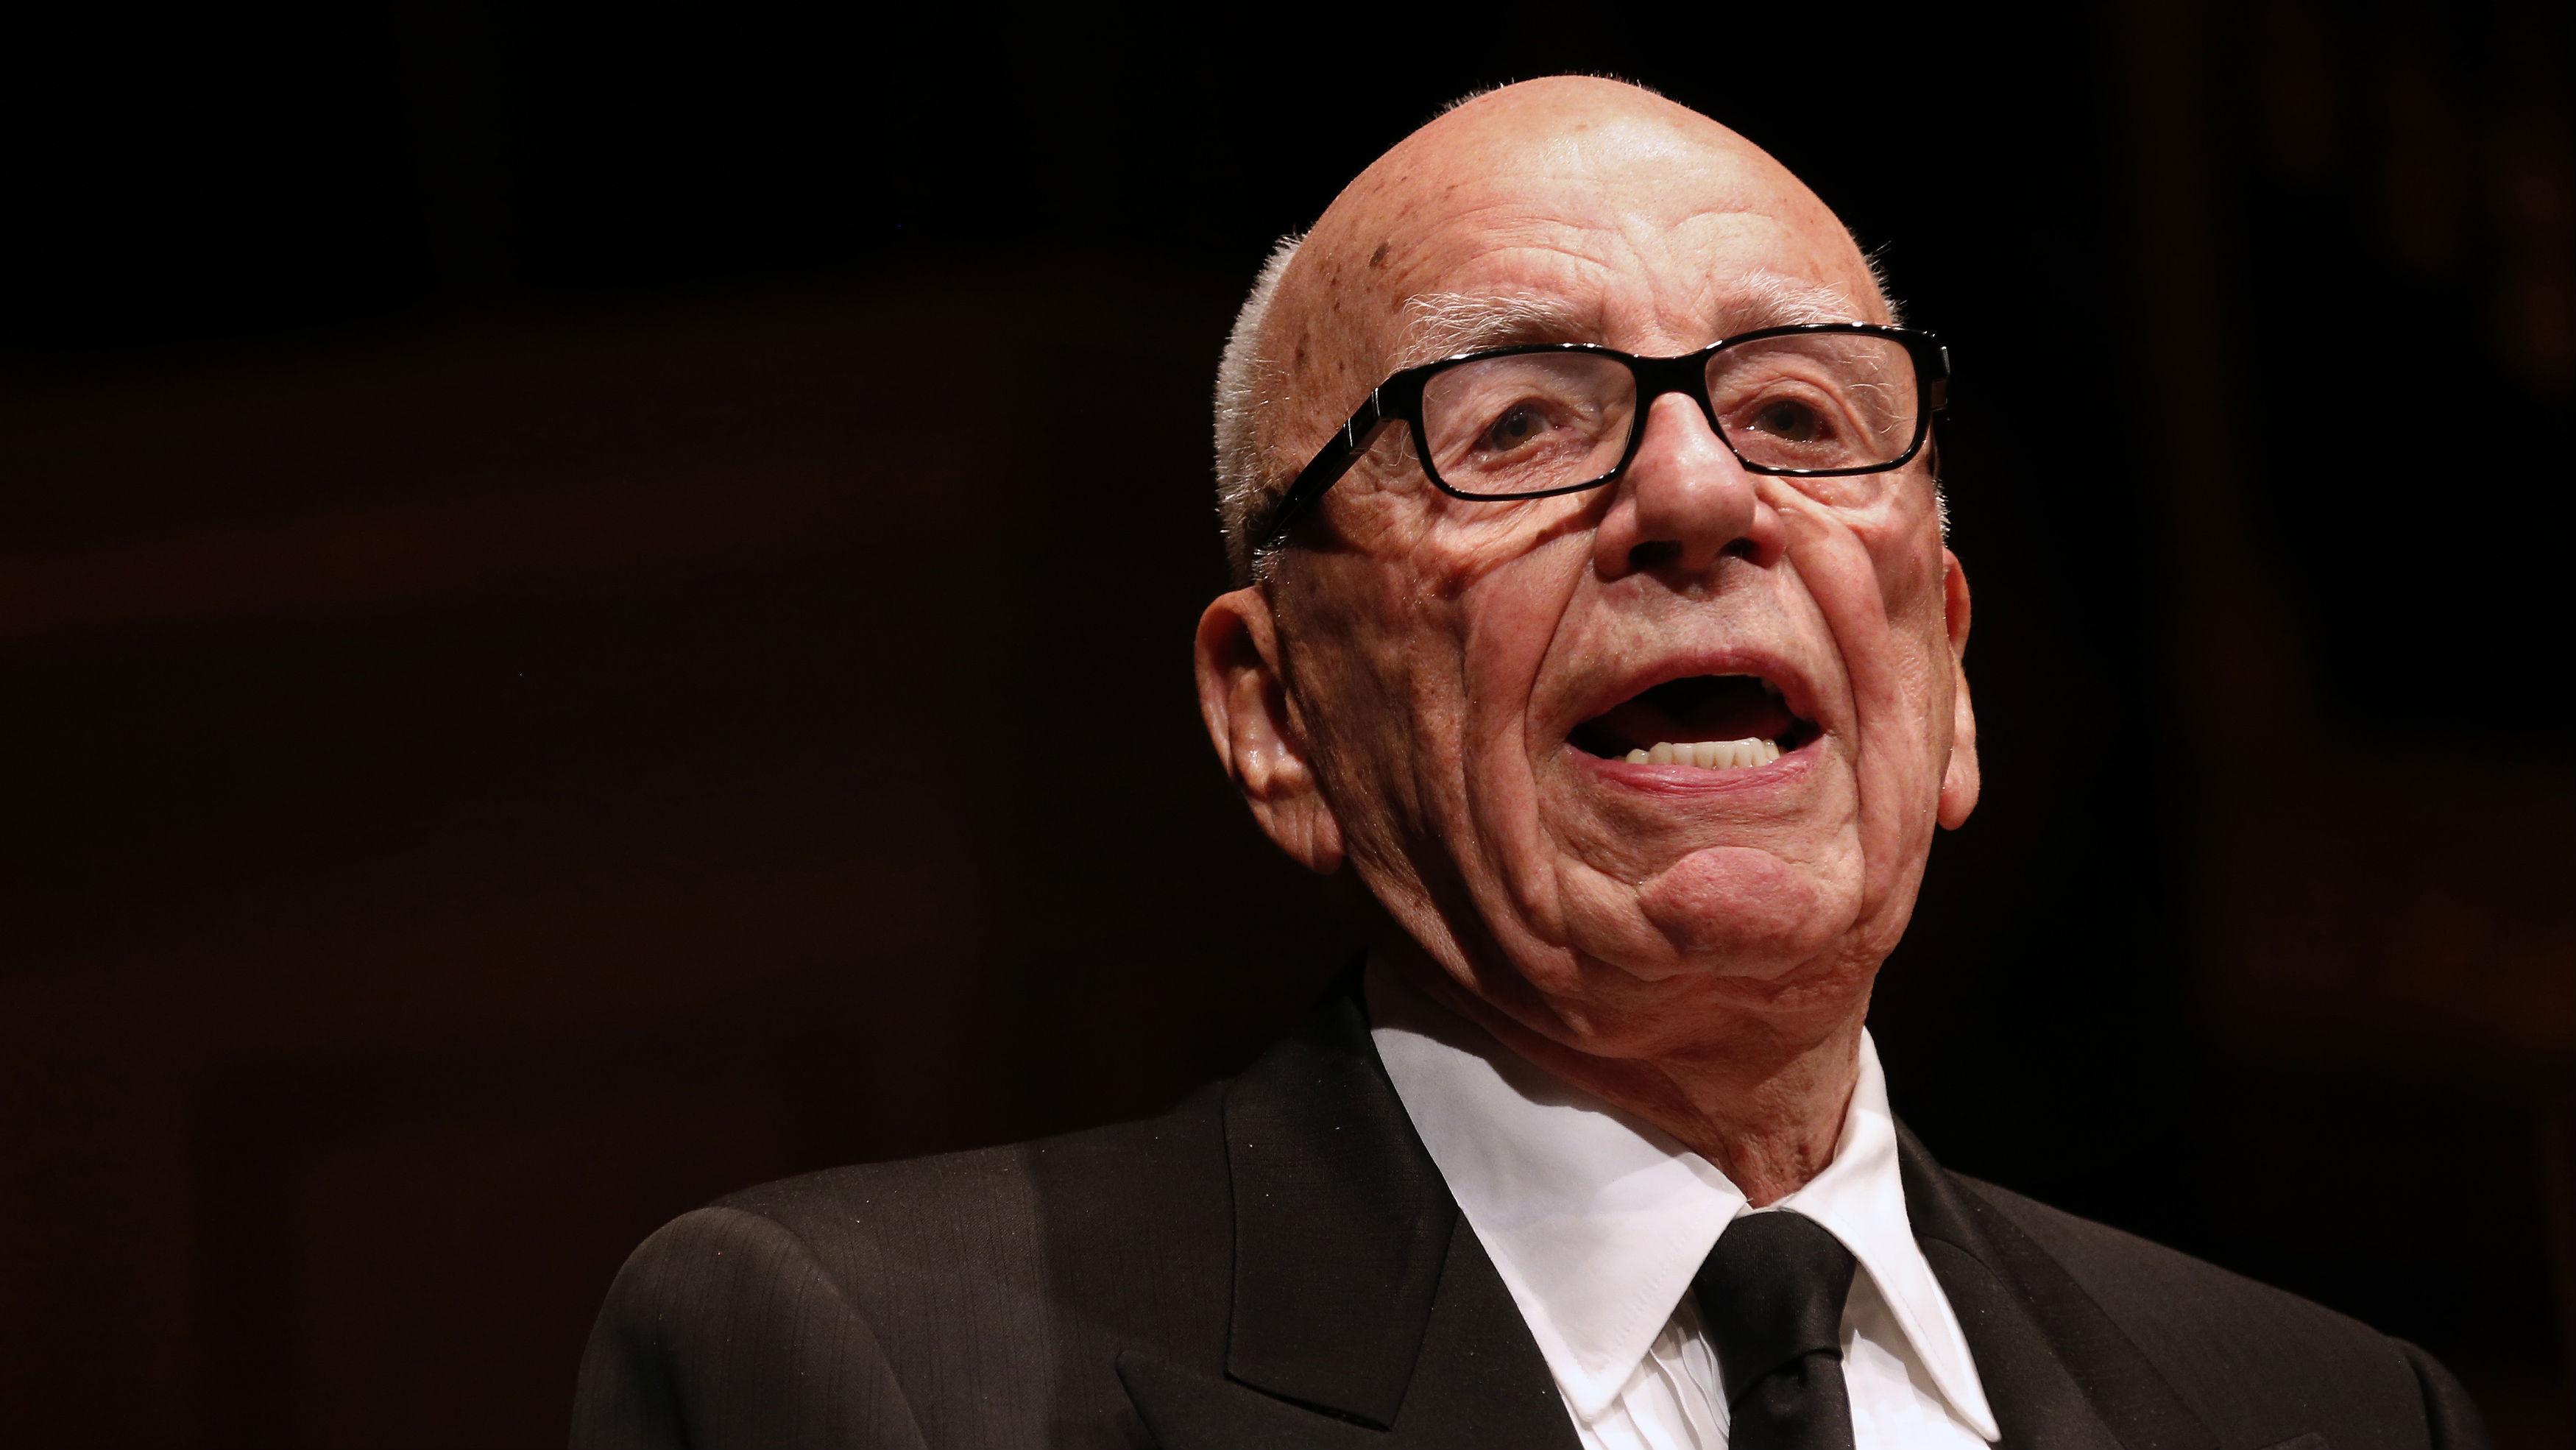 Rupert Murdoch Fox News Corp speaks